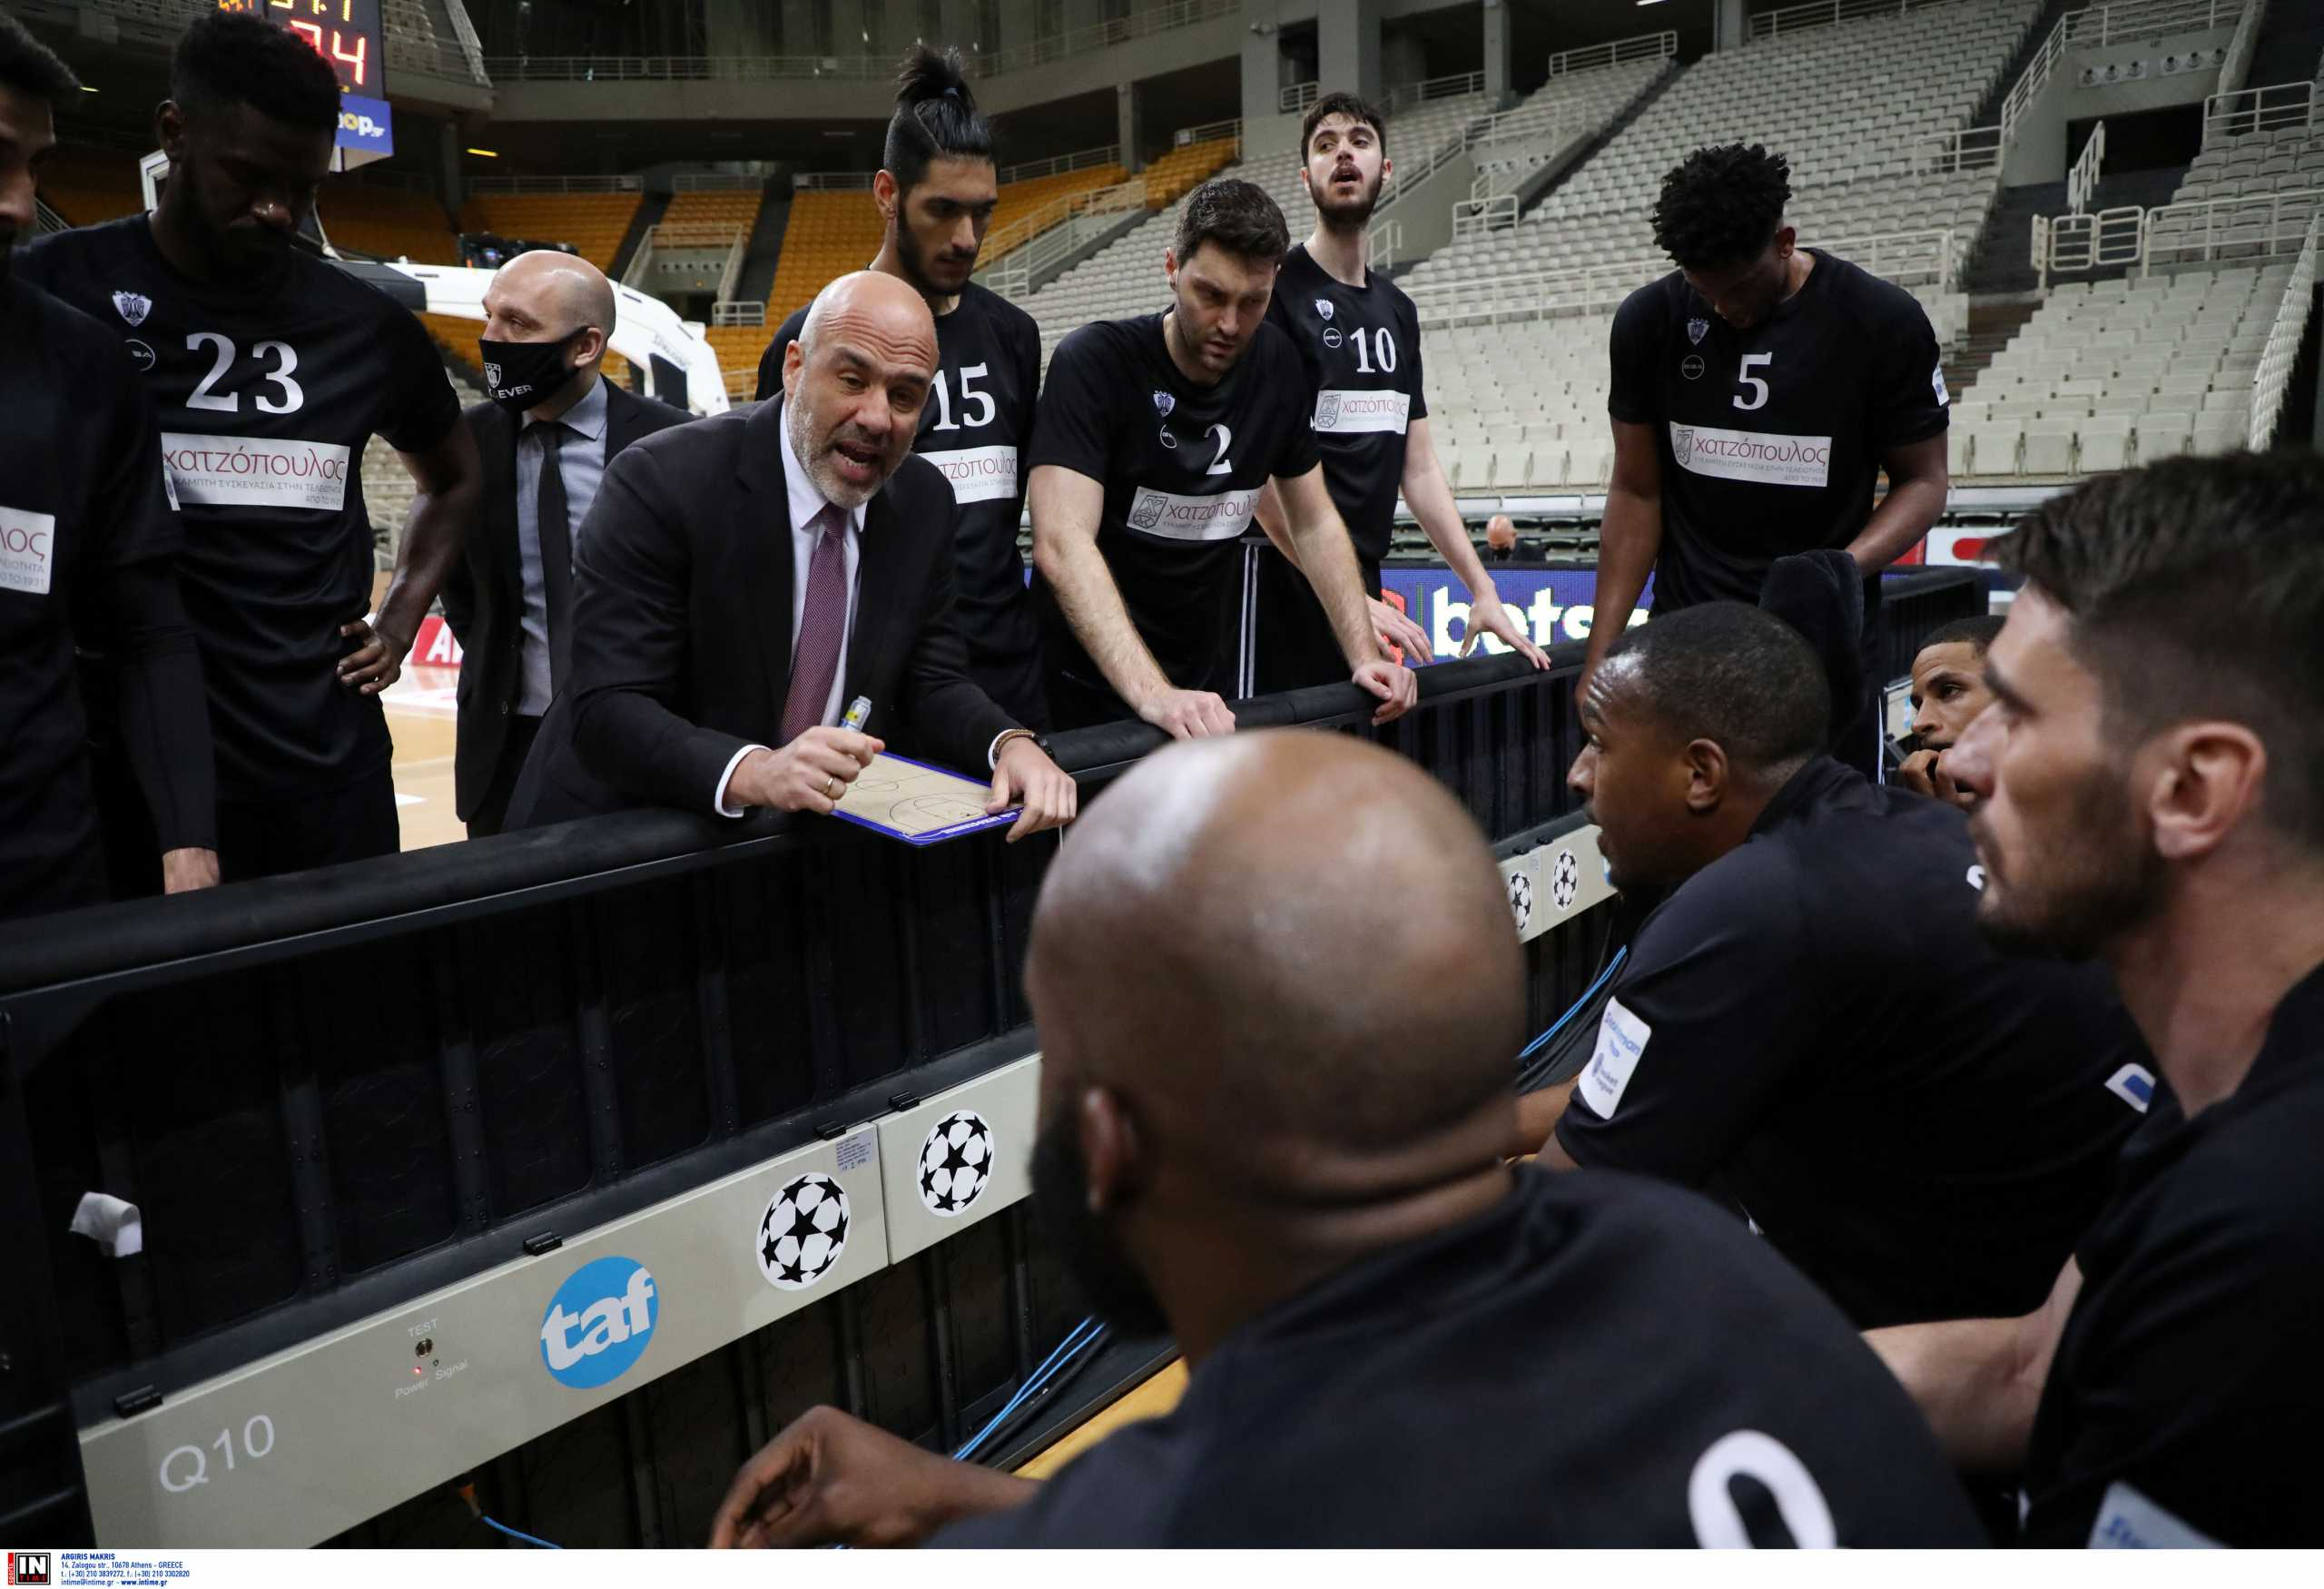 Αιχμές από τον ΠΑΟΚ: «Μην χρειαστεί να φέρουμε ξένους διαιτητές και στο μπάσκετ»